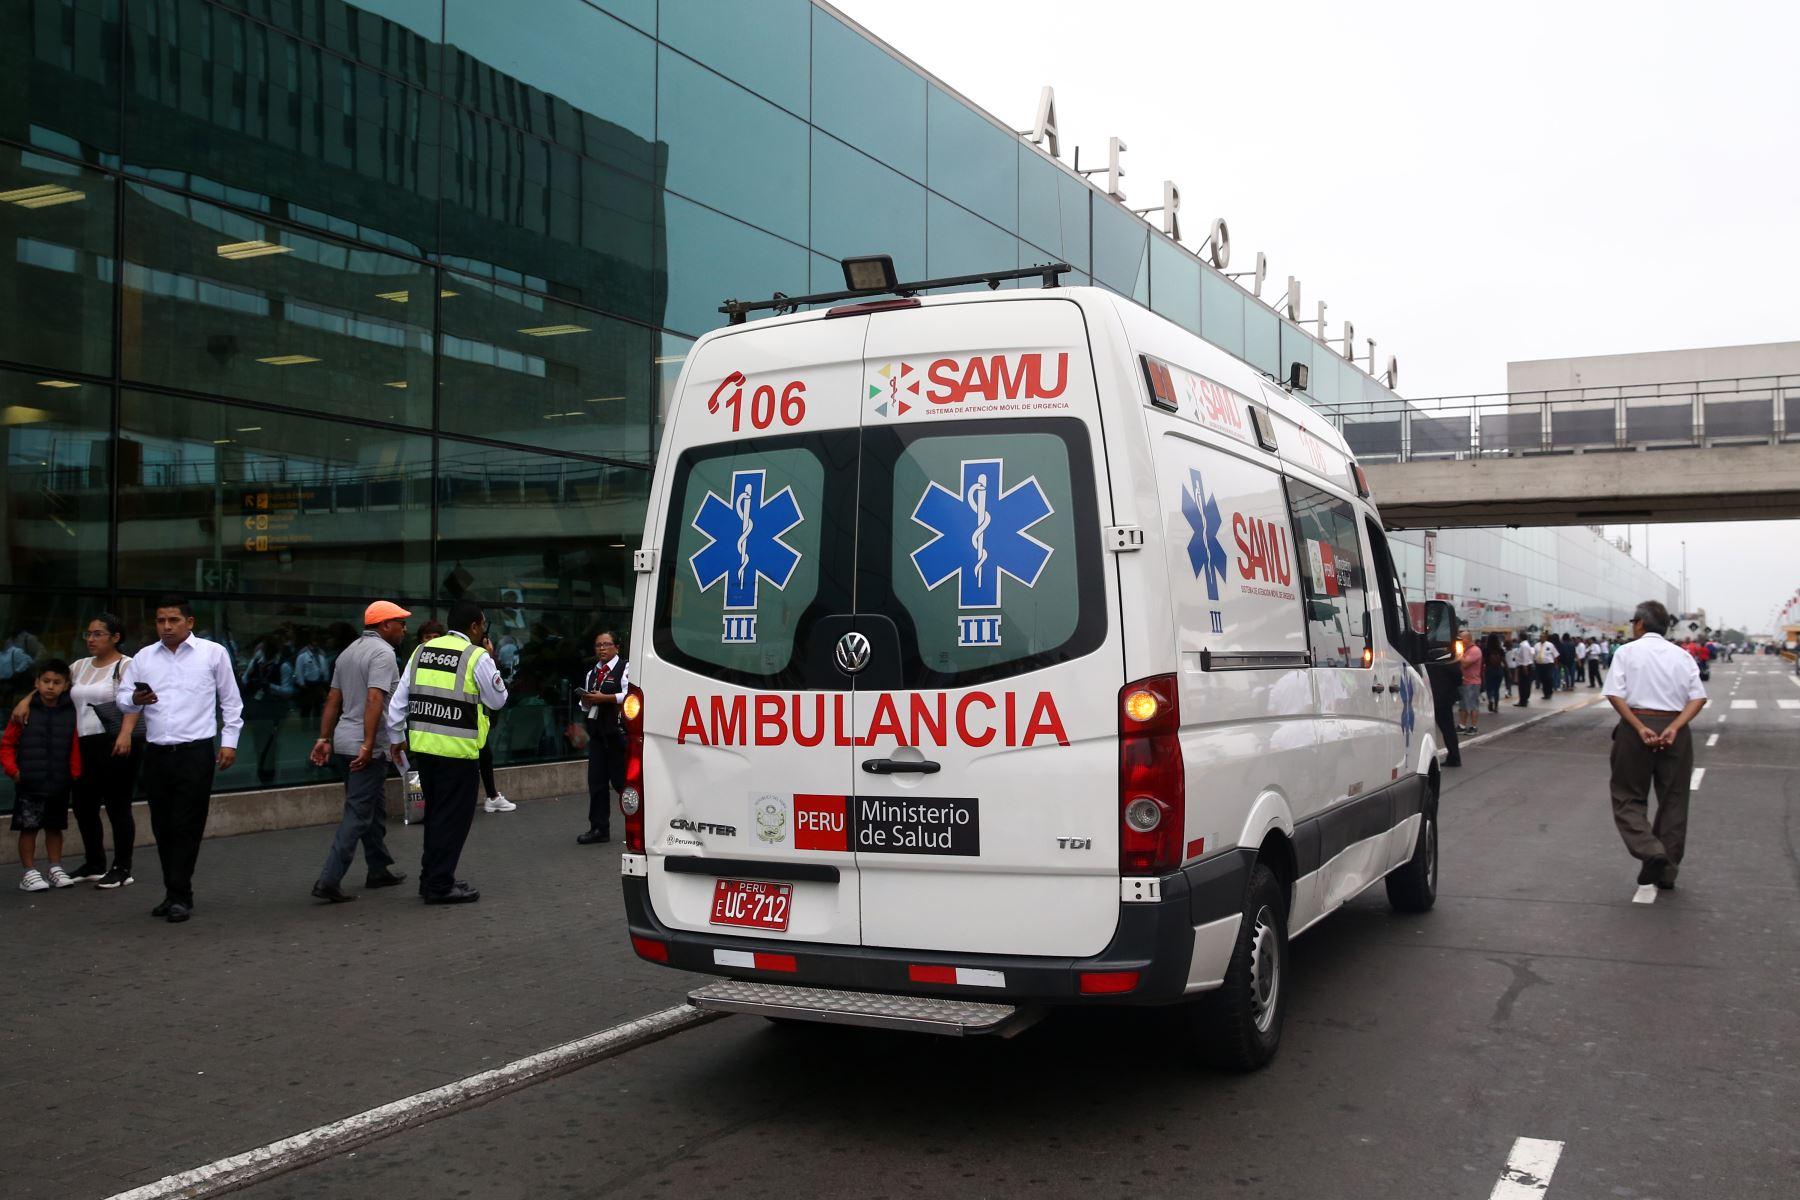 Ministerio de Salud informa medidas preventivas en el Aeropuerto frente al Coronavirus y explica protocolos de atención. Foto: ANDINA/Vidal Tarqui